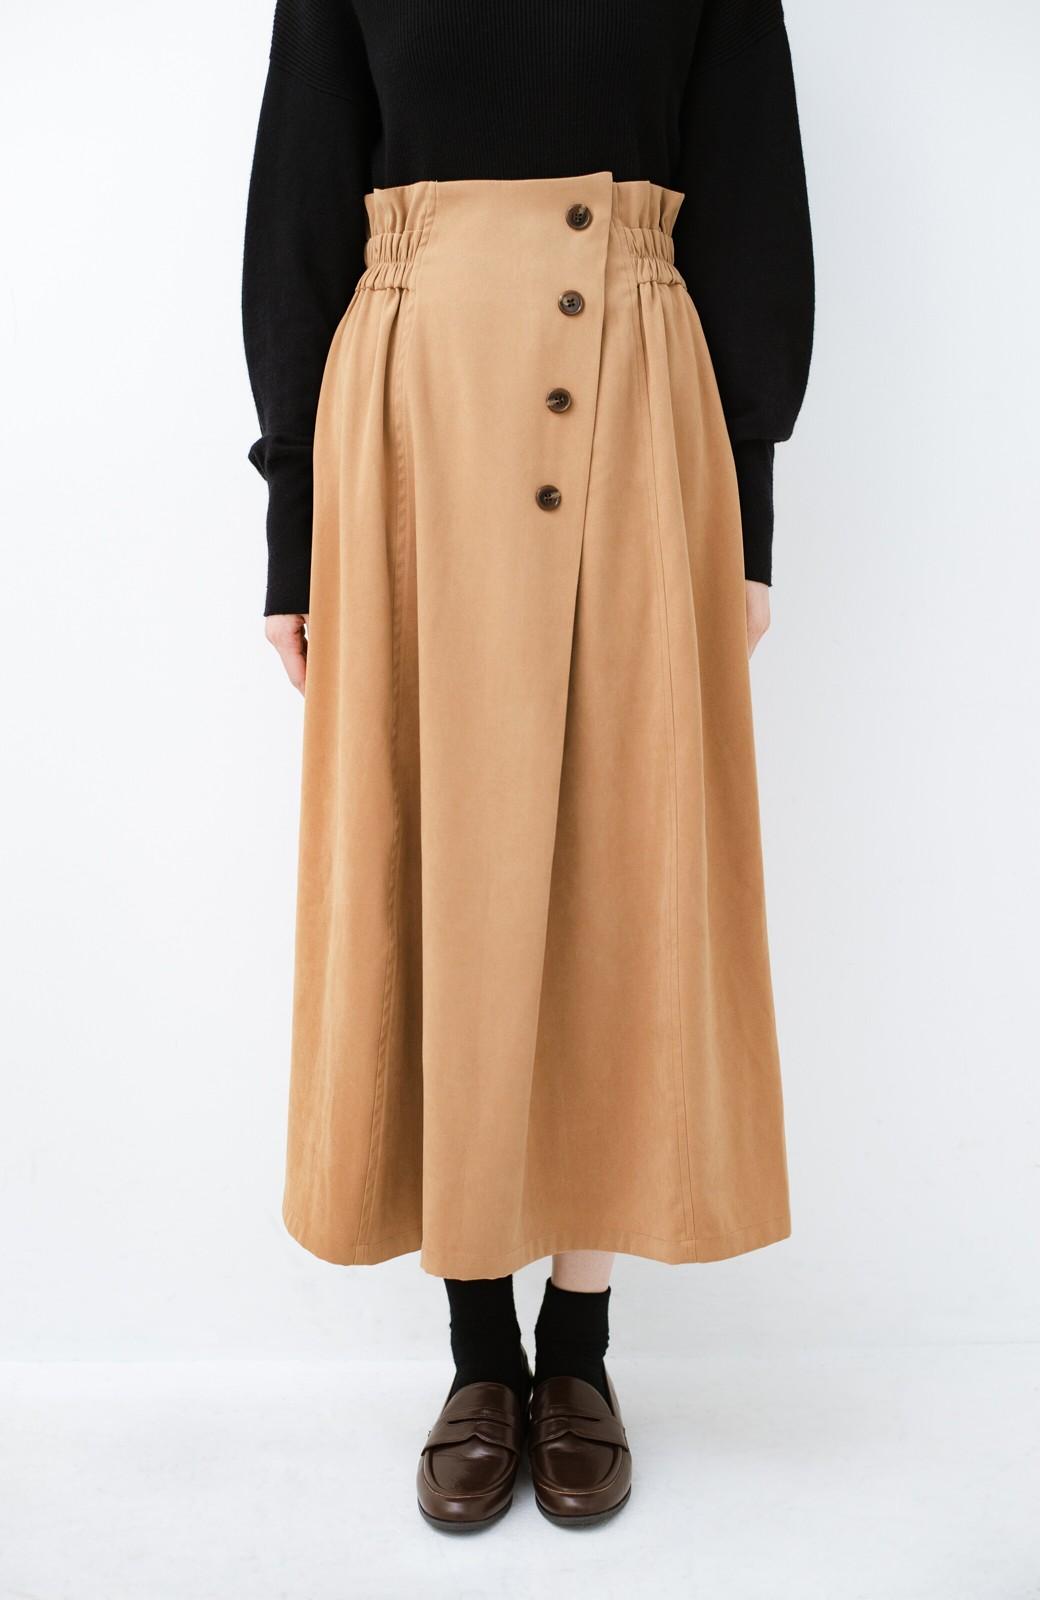 haco! 楽ちんなのにきれい見せが叶う ボタンがポイントの大人スカート <ベージュ>の商品写真4